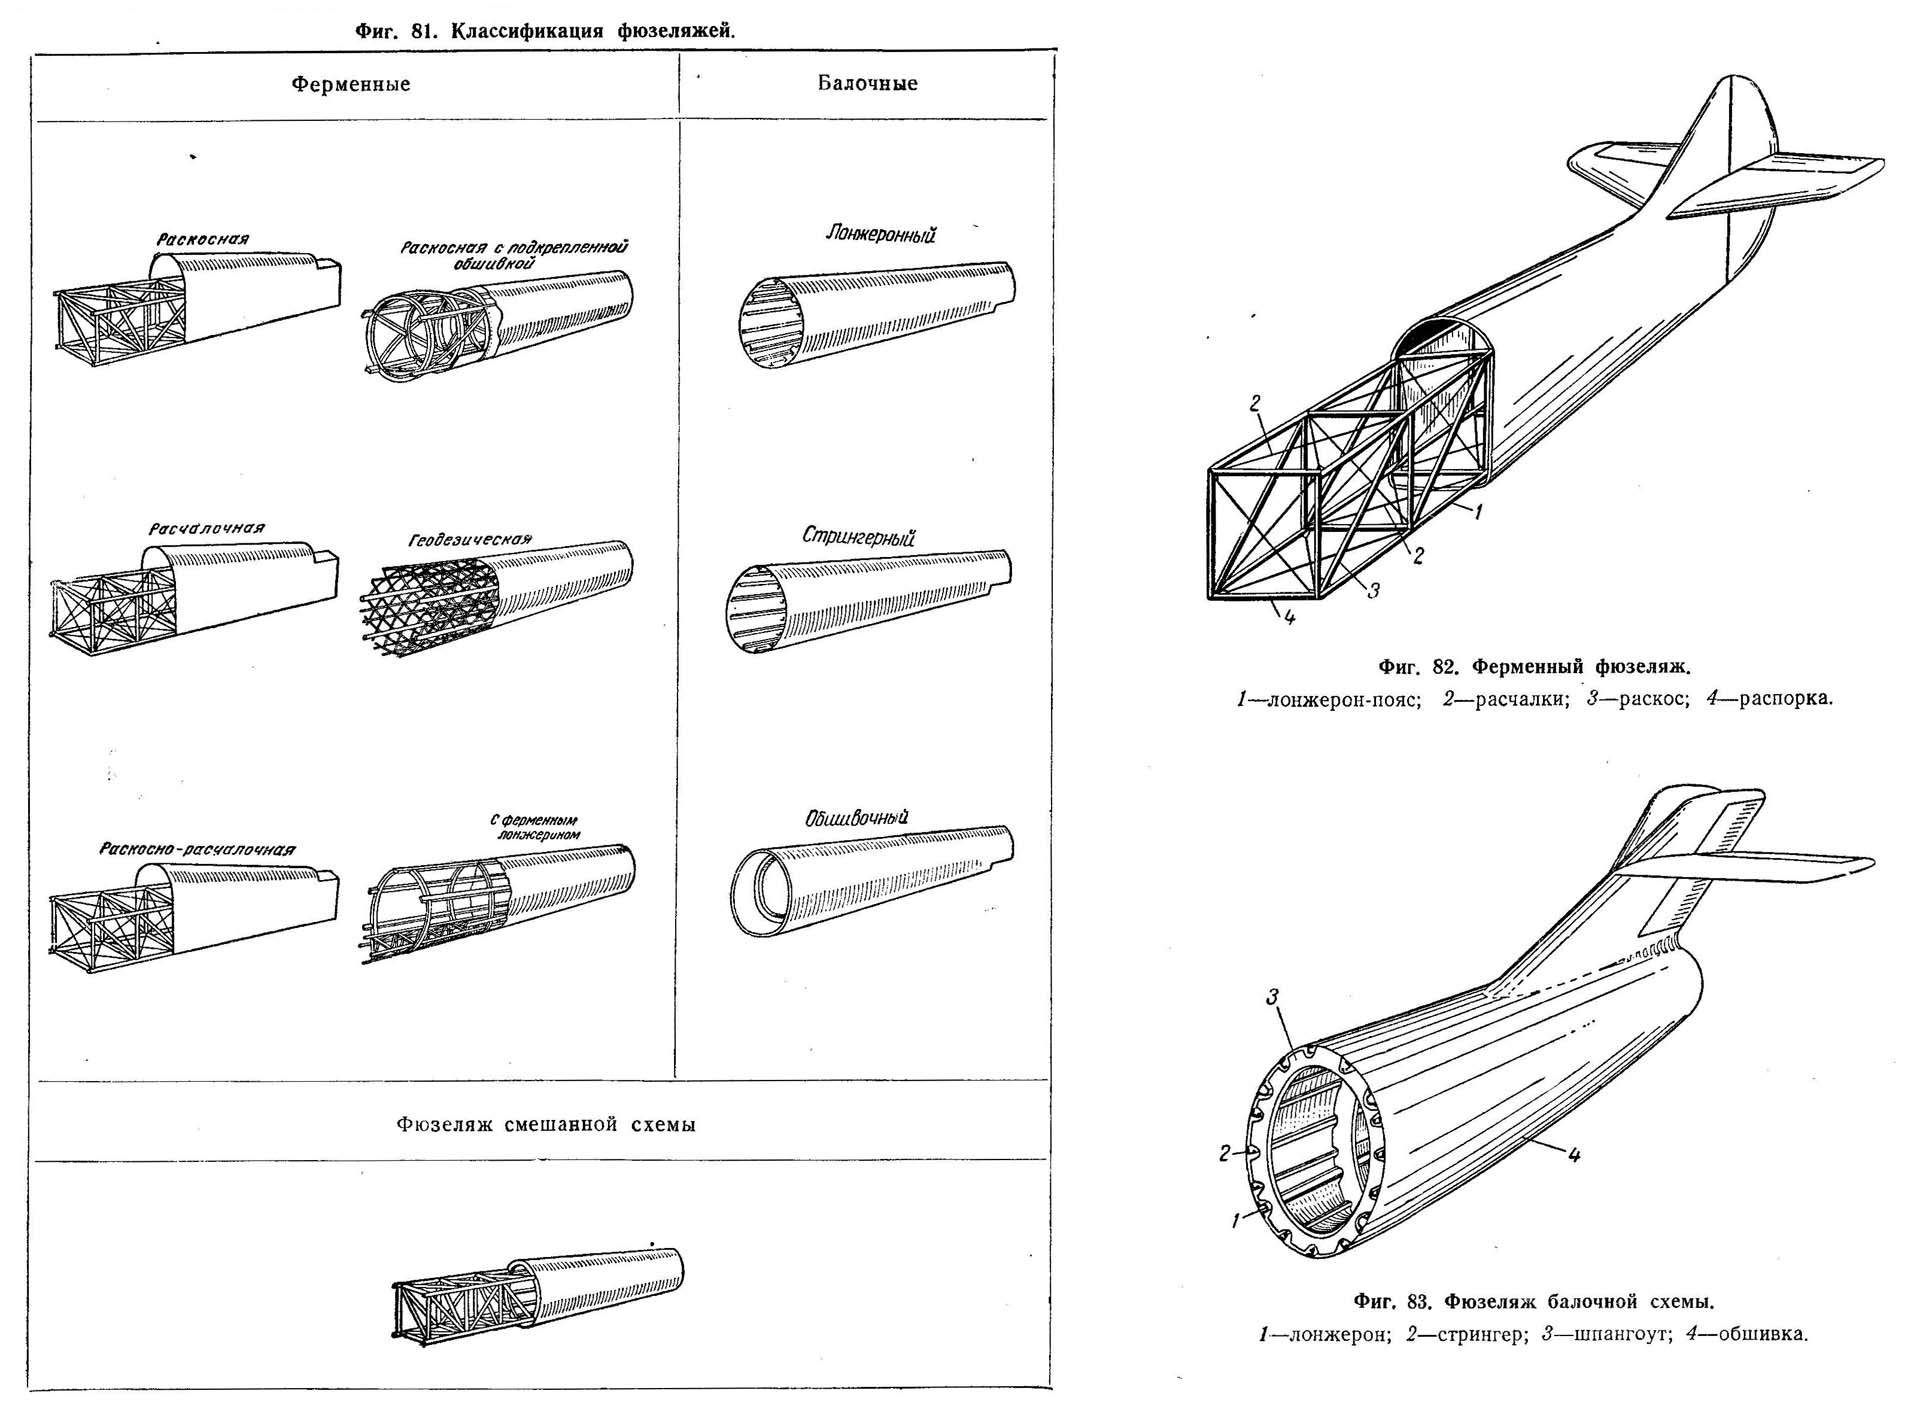 Обшивка самолета: толщина, материалы, понятия